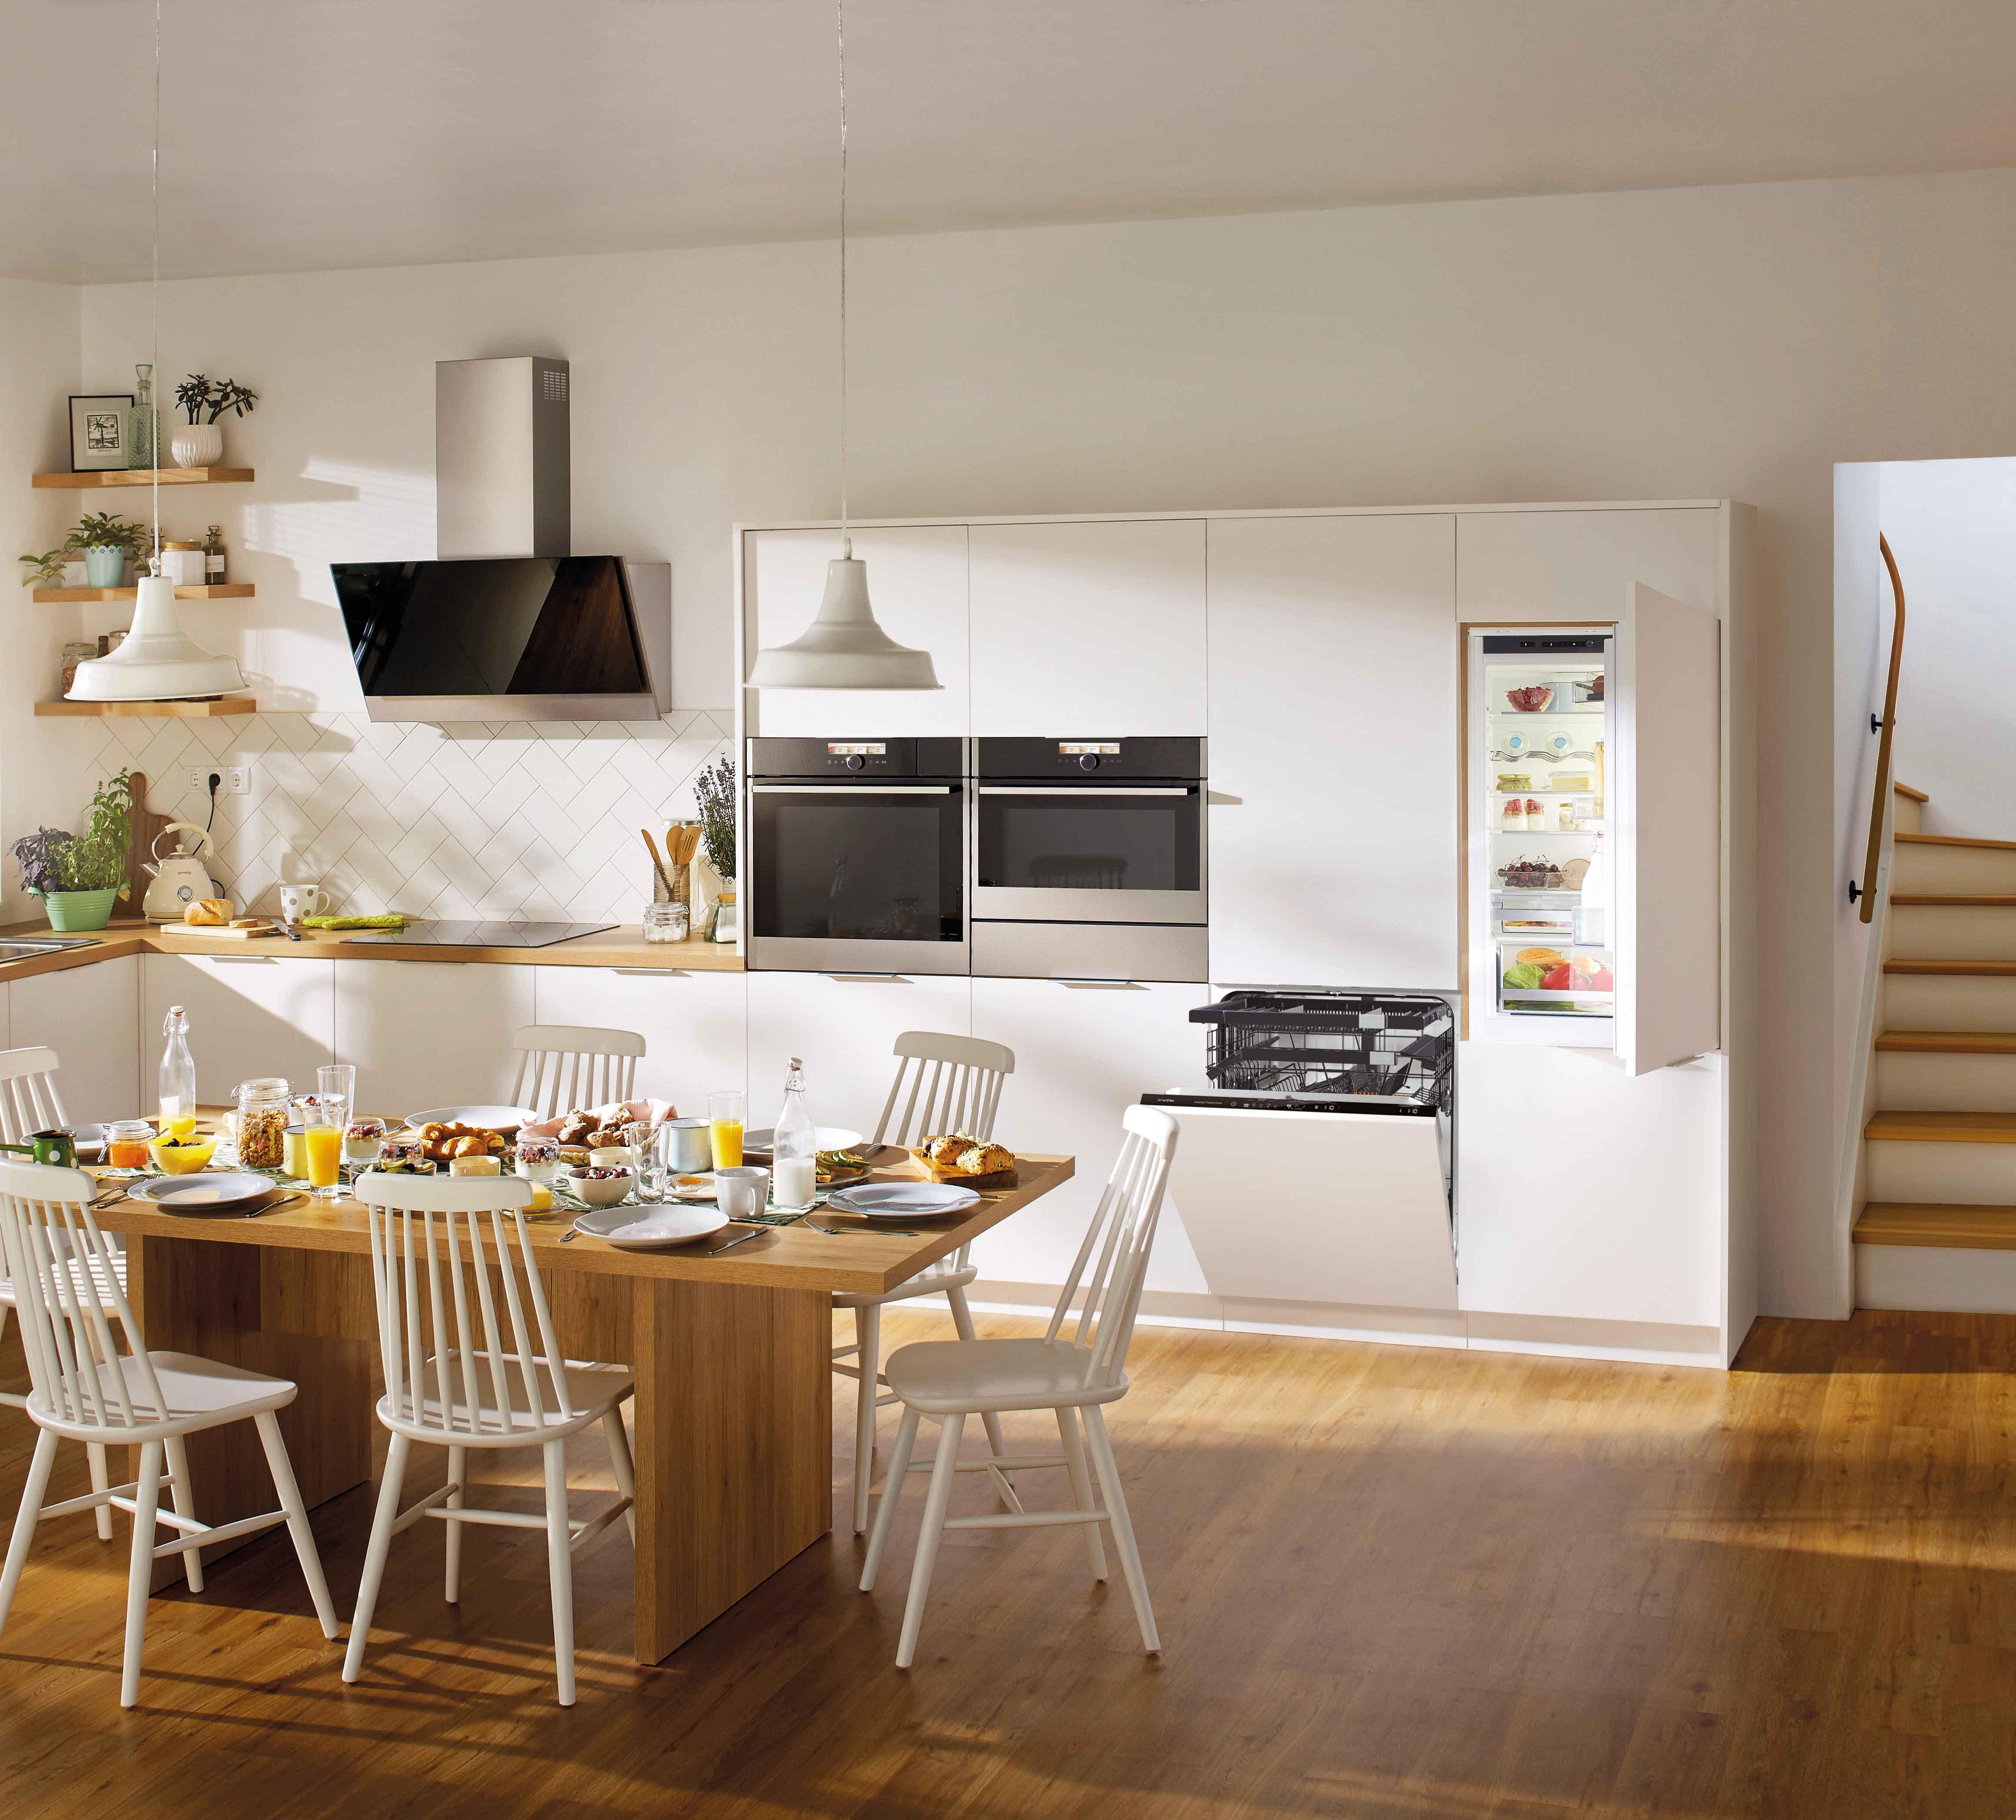 kompakt einbauger te attraktiv extrem flexibel amk arbeitsgemeinschaft die moderne k che e v. Black Bedroom Furniture Sets. Home Design Ideas